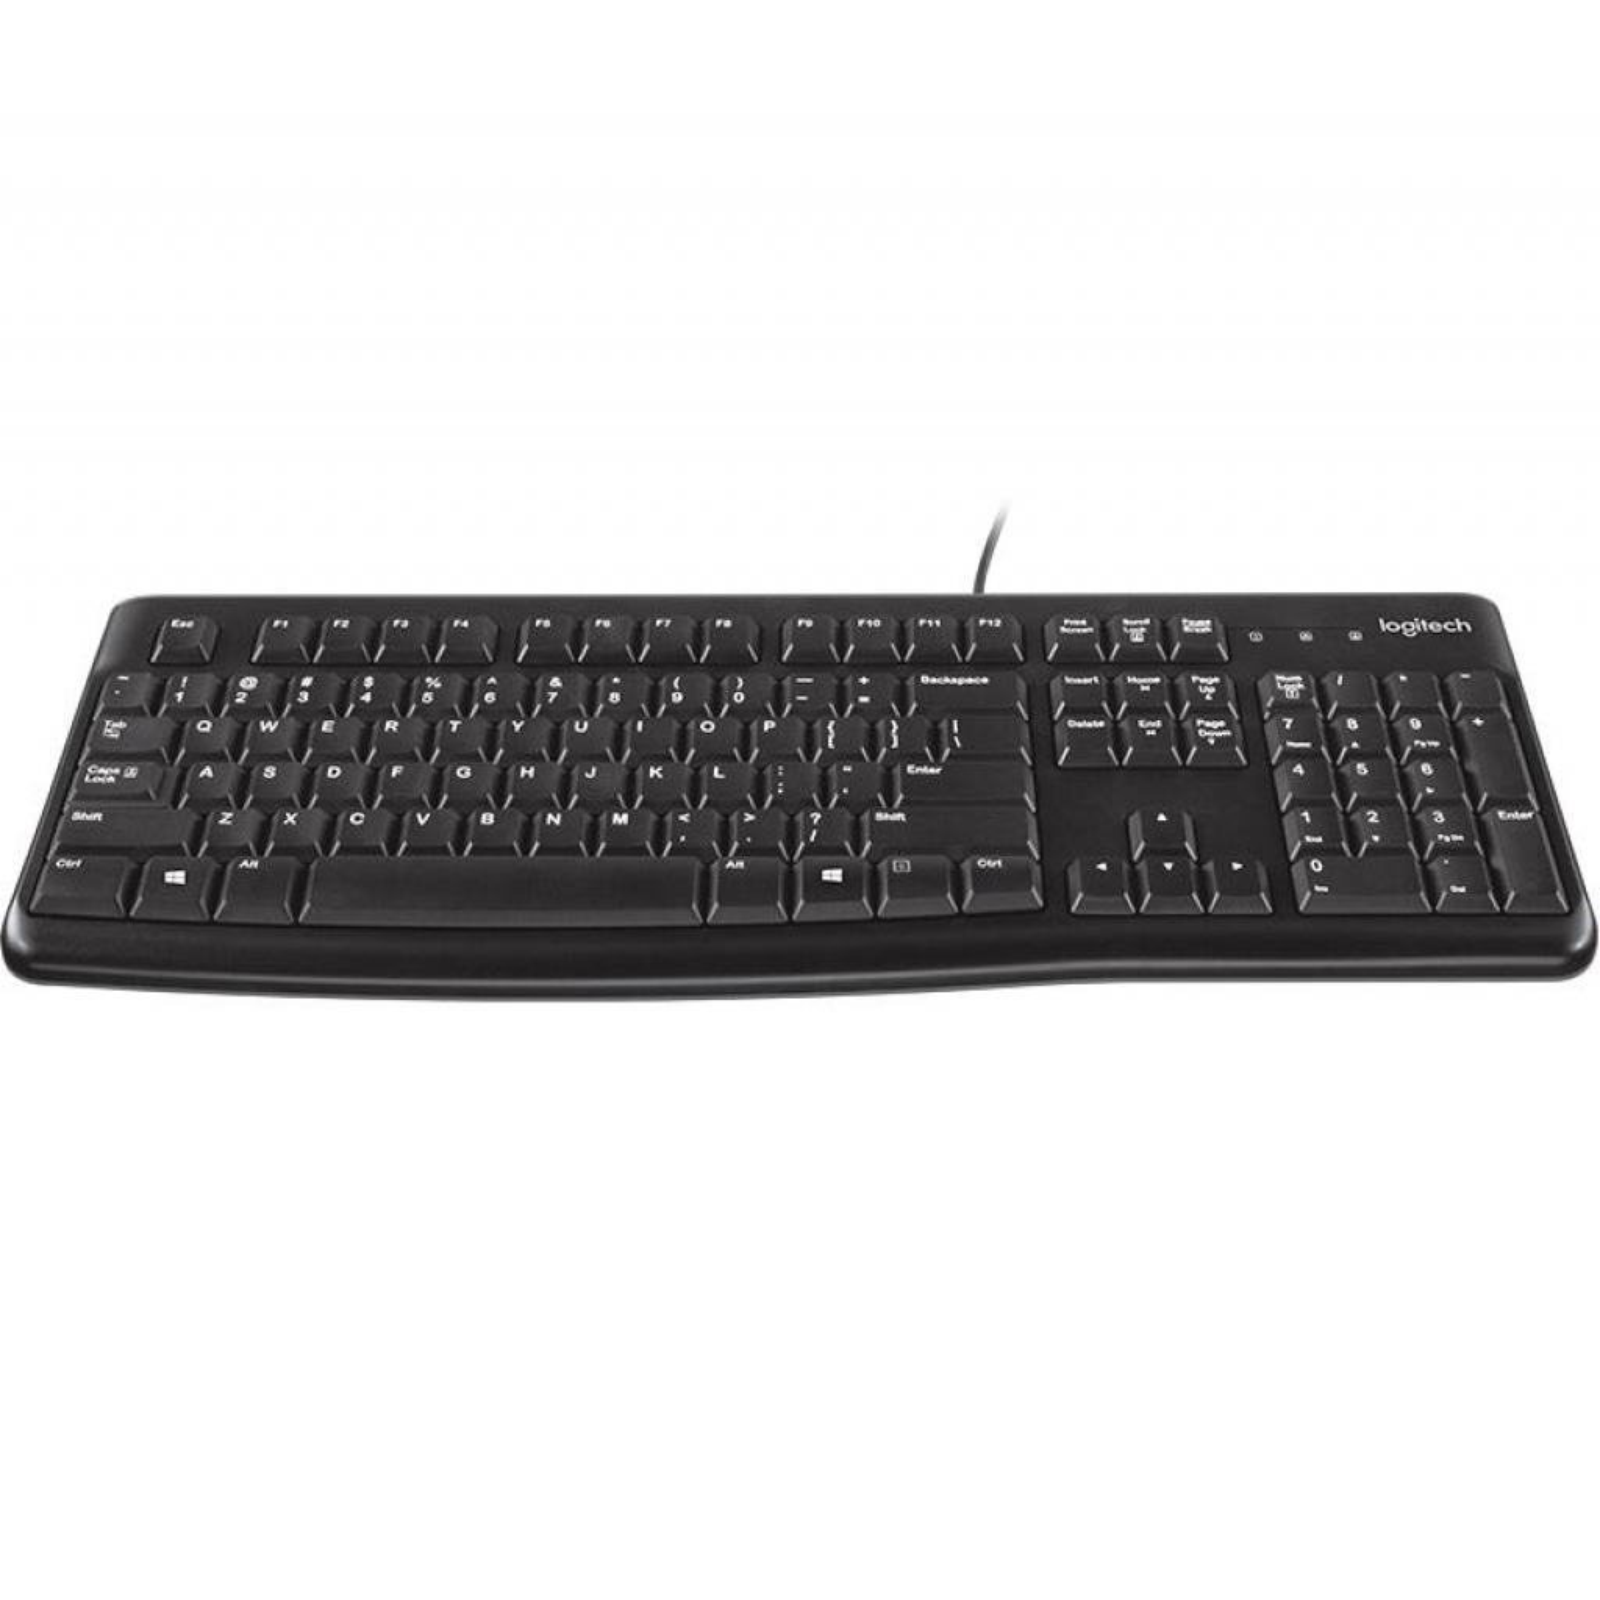 Комплект Logitech Desktop MK120 (920-002561) изображение 3